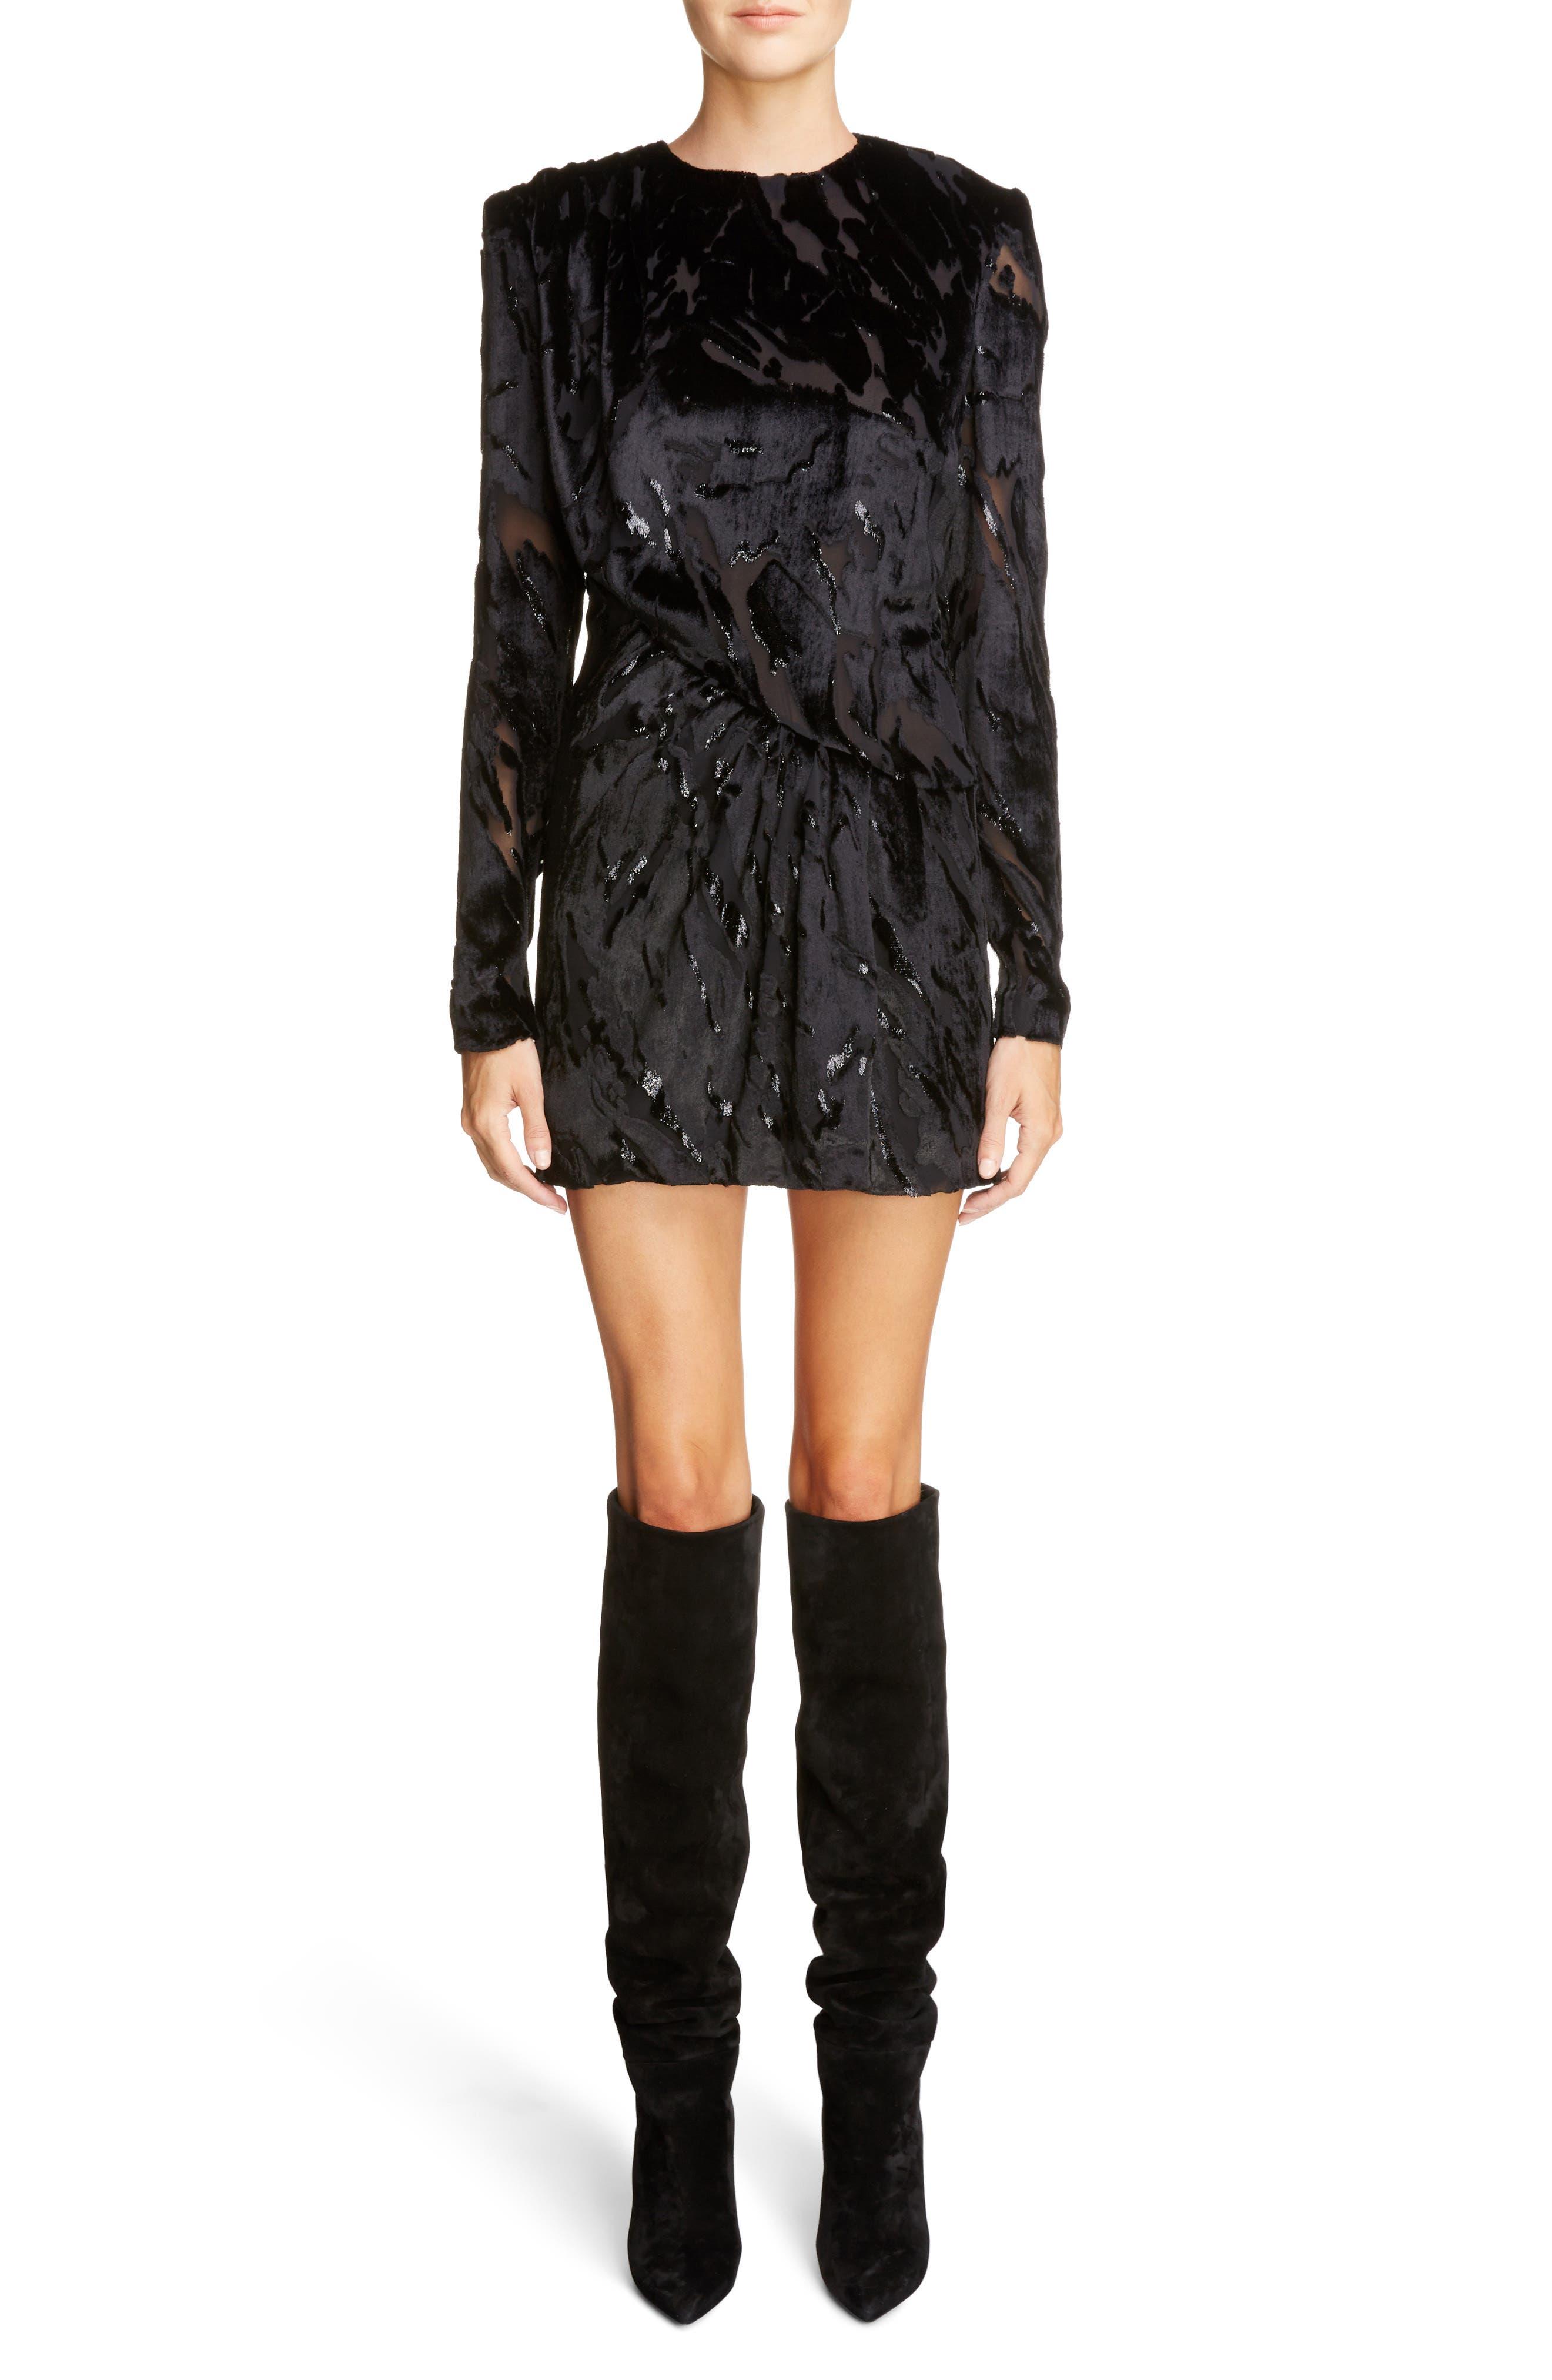 Alternate Image 1 Selected - Saint Laurent Devoré Asymmetrical Waist Dress